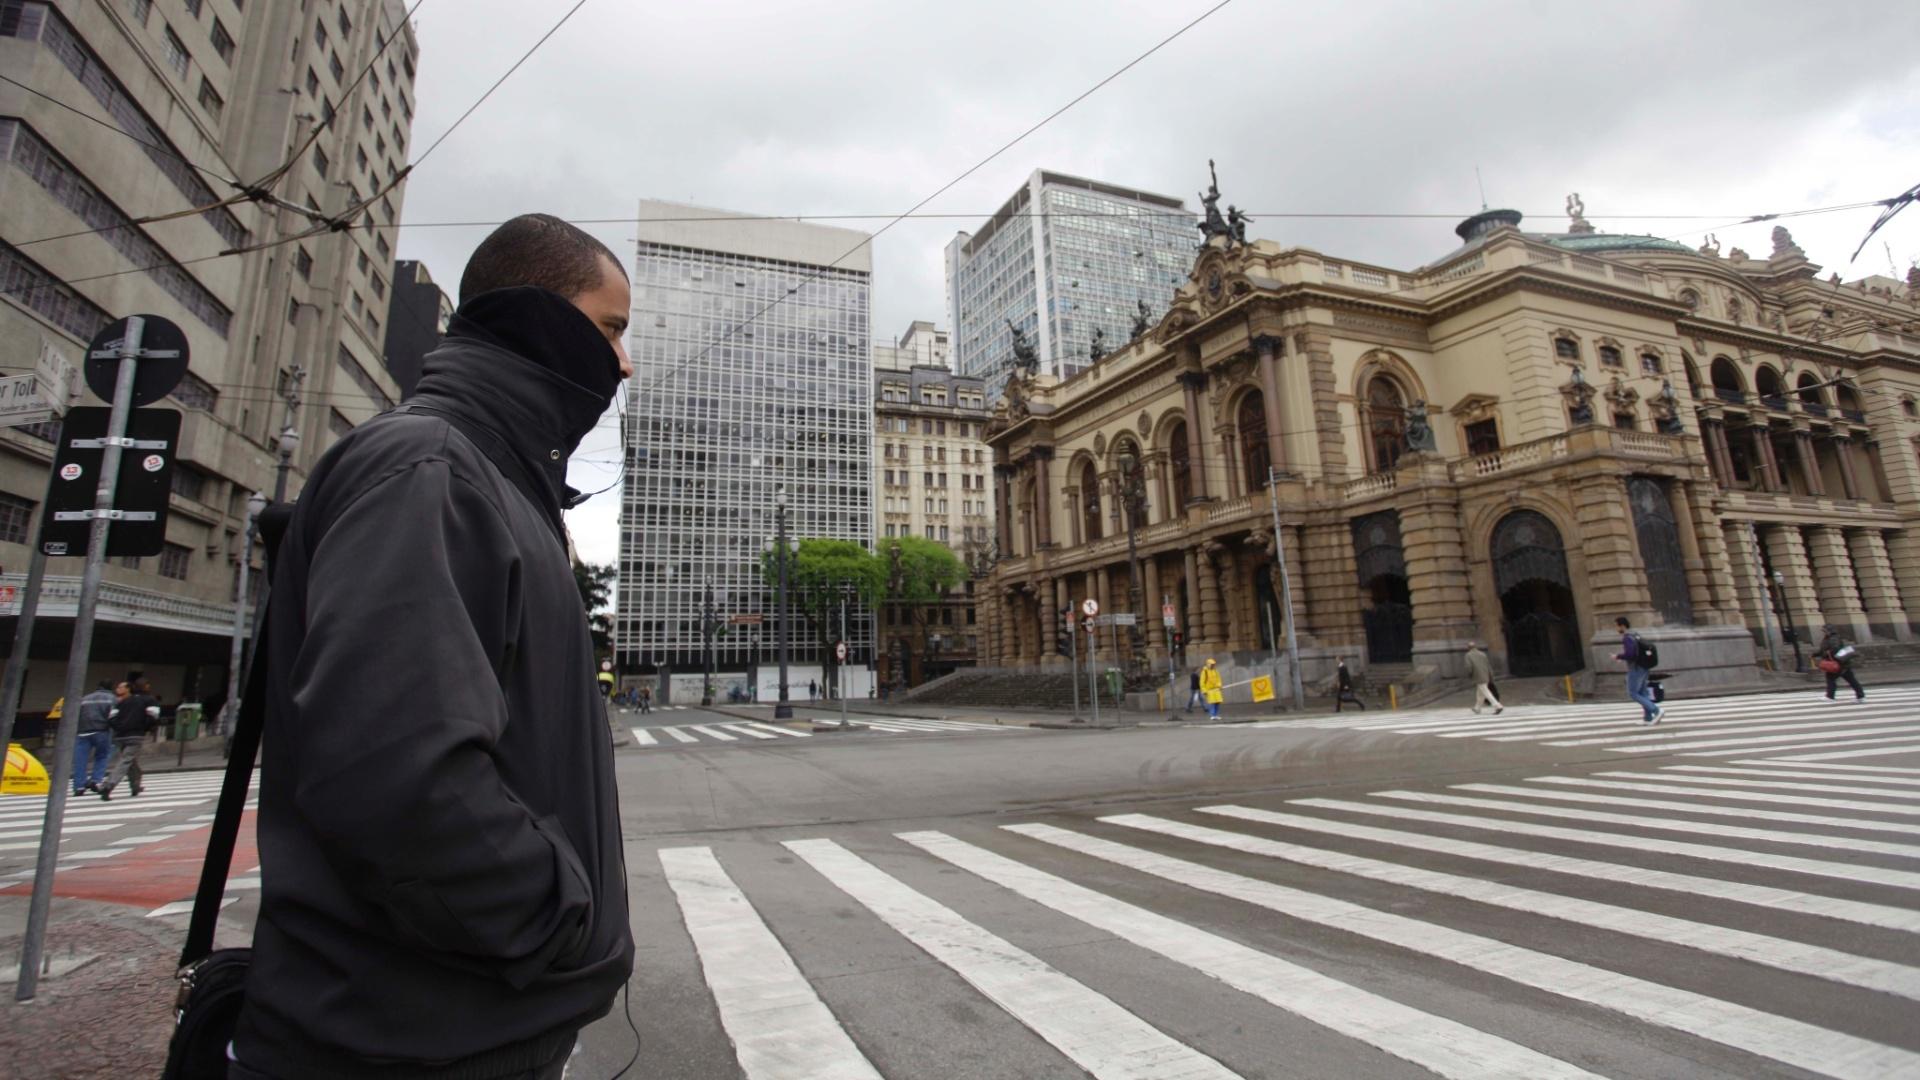 27.set.2012 - Homem se protege de frio que atinge o centro de São Paulo. Nas primeiras horas do dia, a capital paulista teve a menor temperatura do ano.Termômetros marcaram 8,7°C na zona norte da cidade.